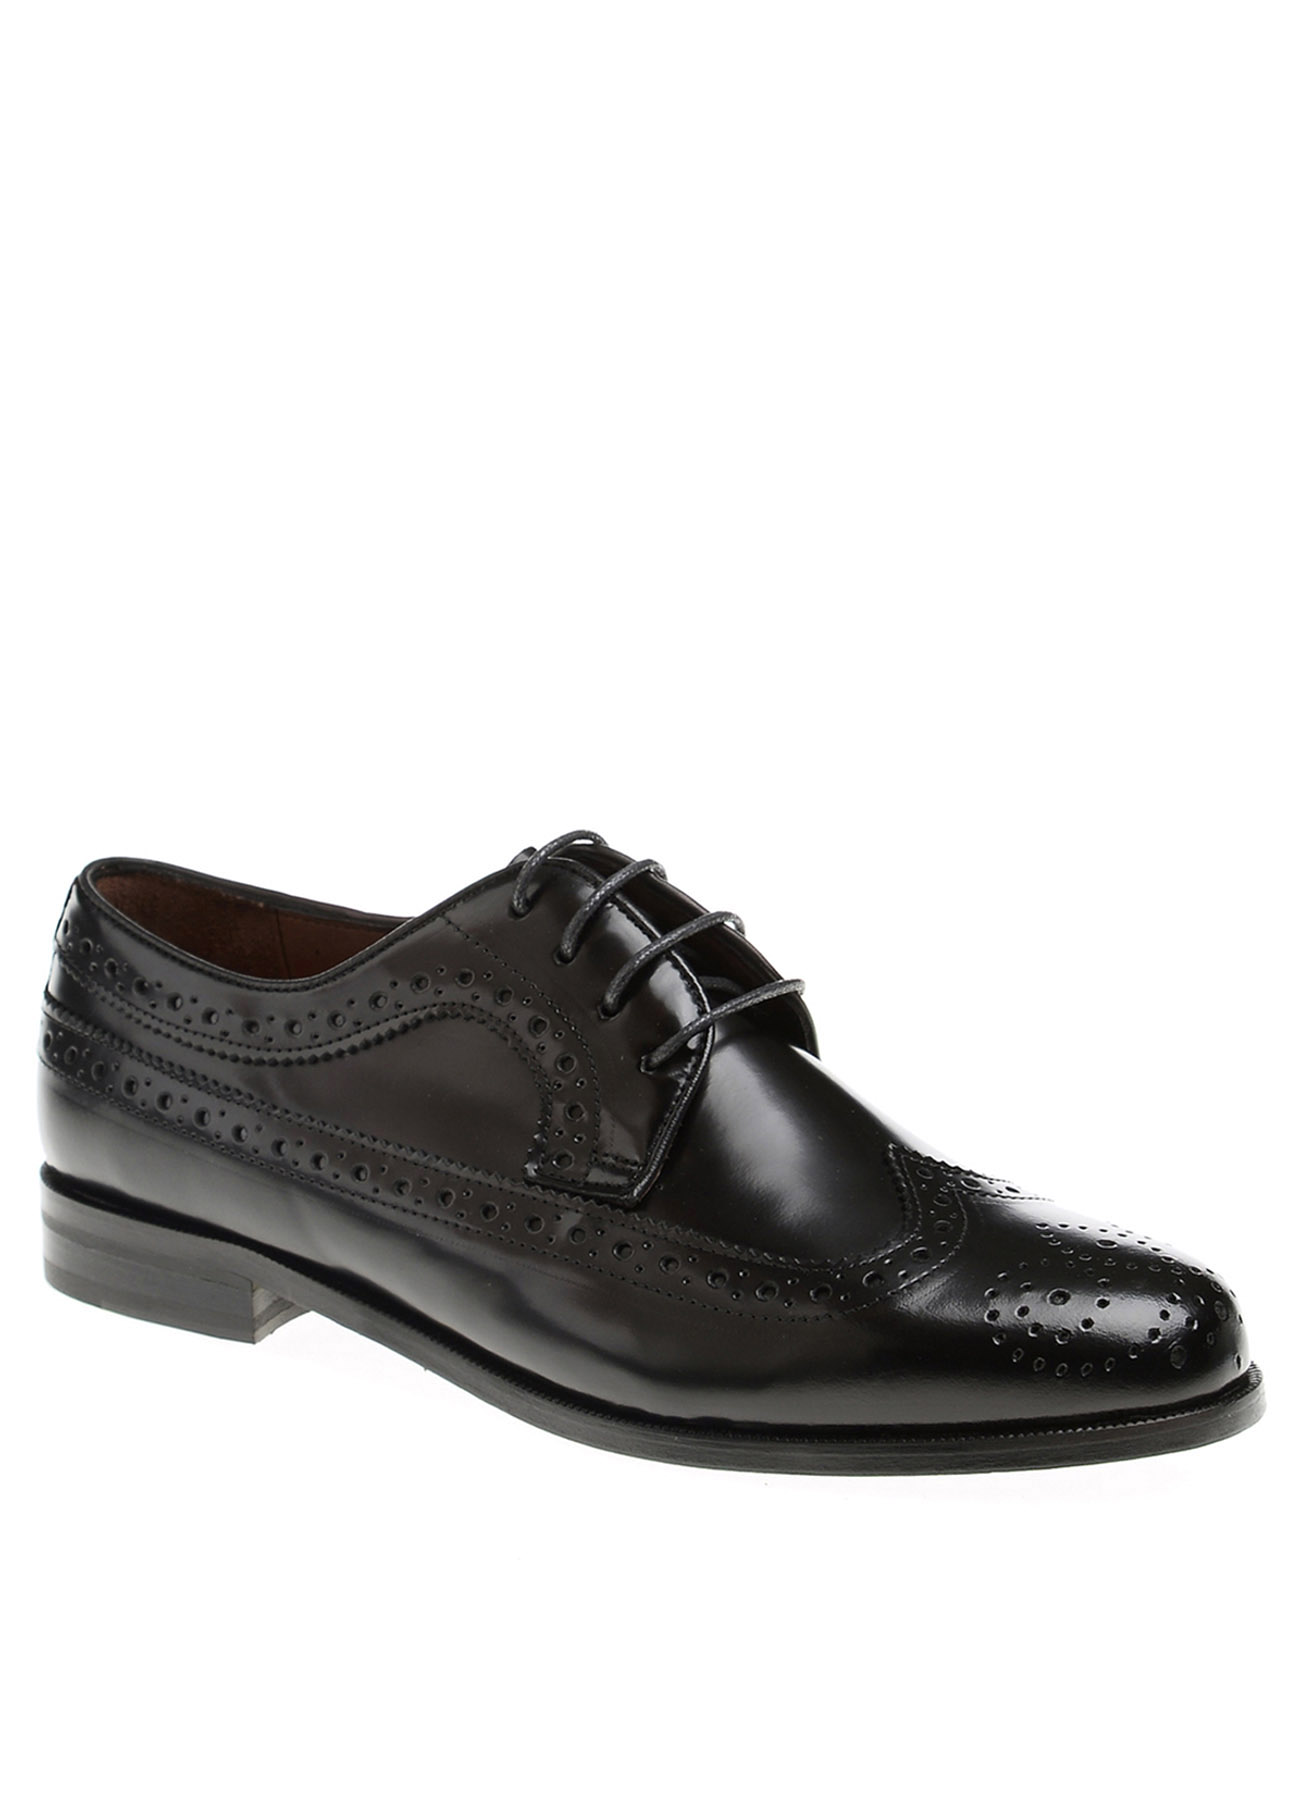 George Hogg Düz Ayakkabı 40 5001917431001 Ürün Resmi